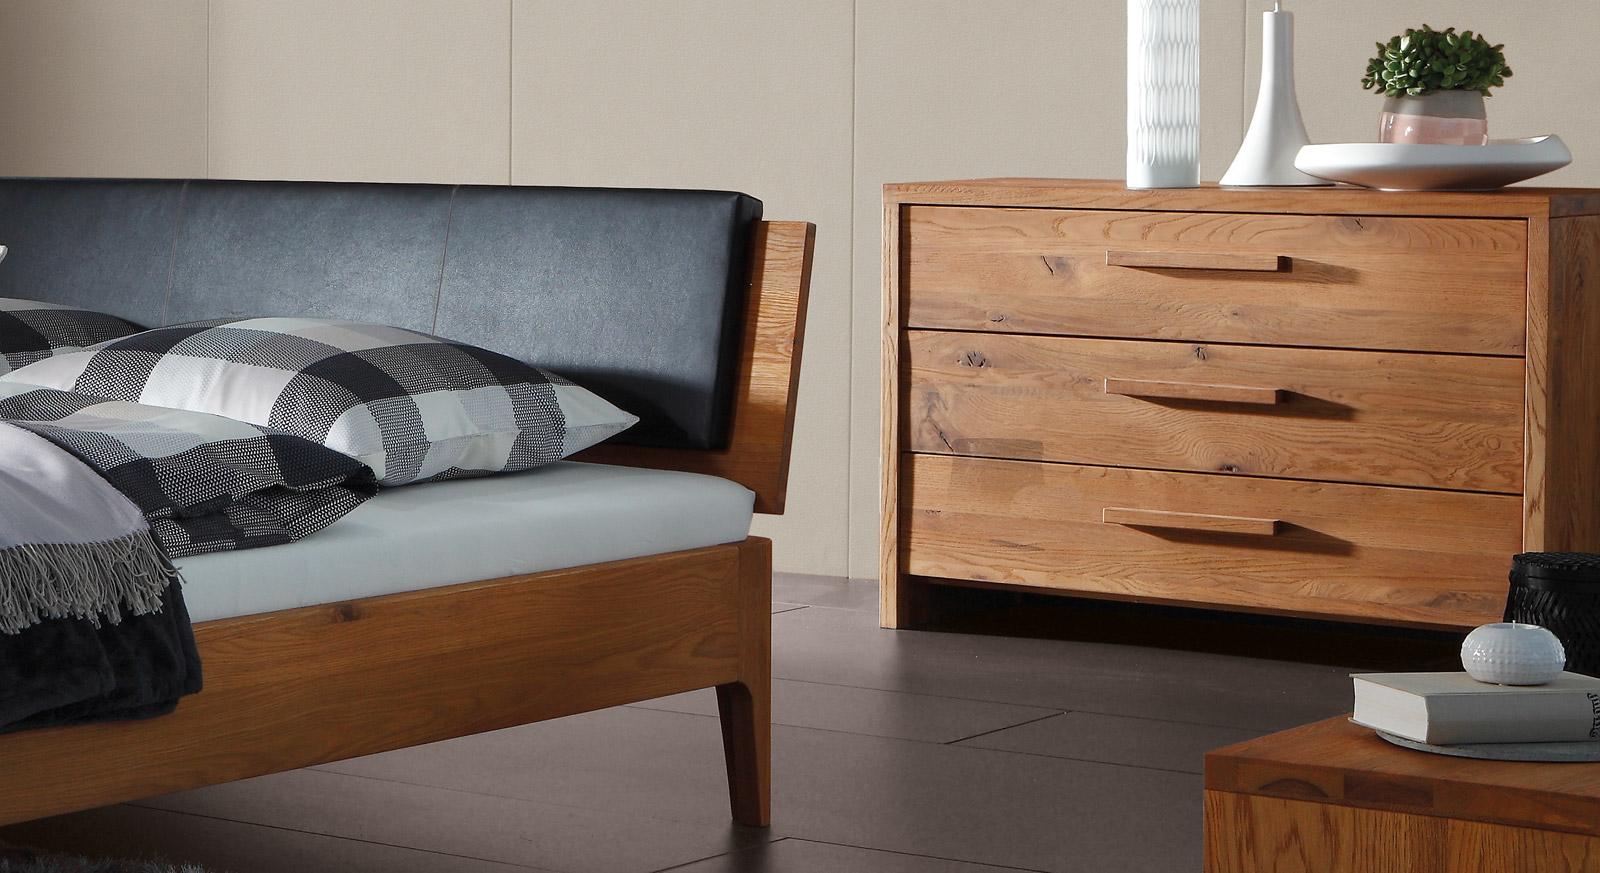 kommode aus holz rustikal das beste aus wohndesign und. Black Bedroom Furniture Sets. Home Design Ideas